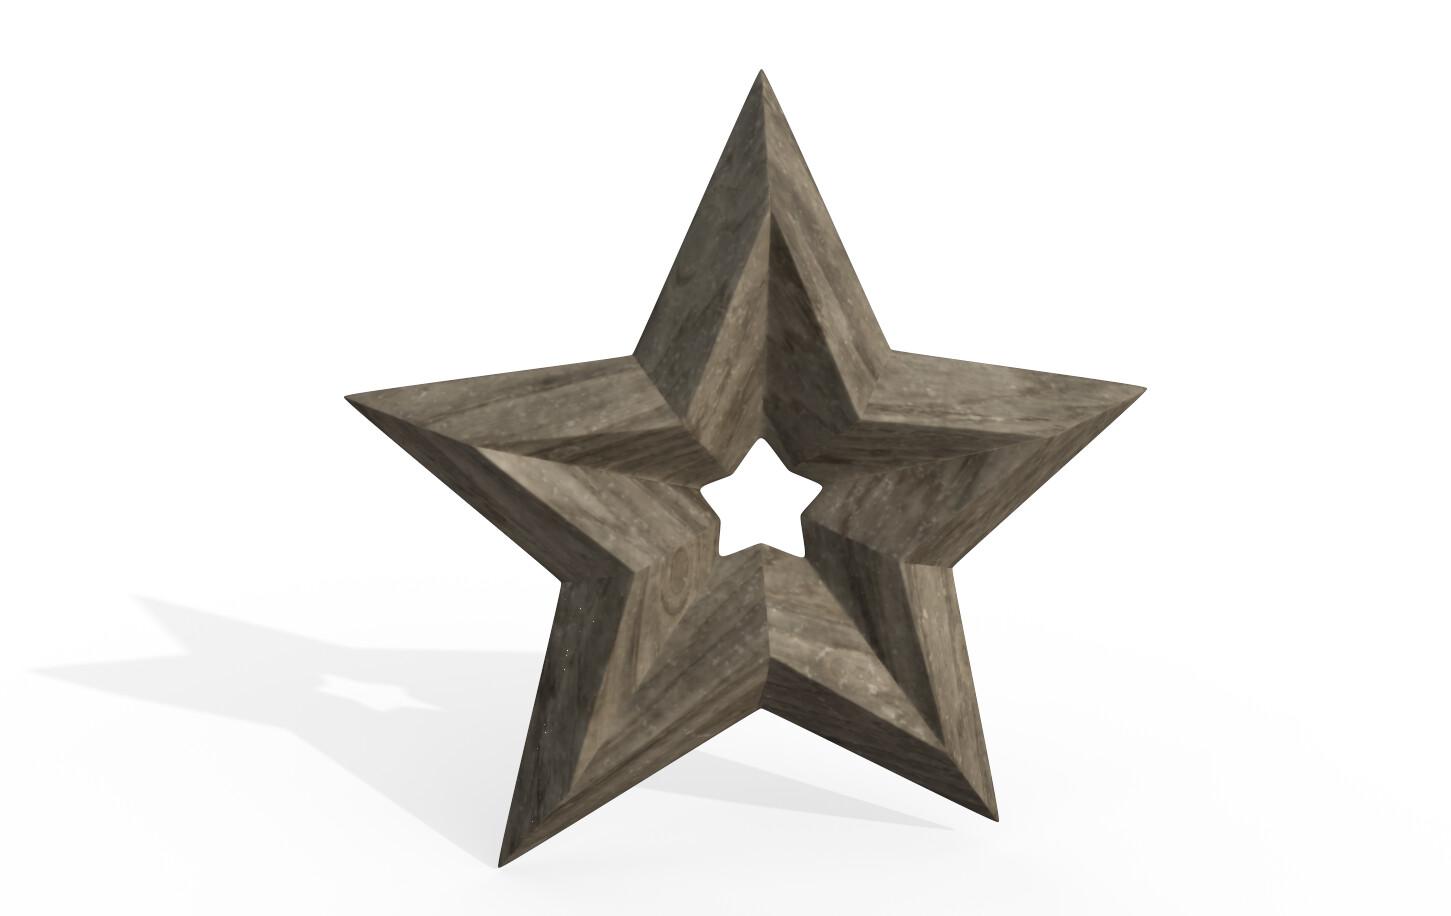 Joseph moniz star001b